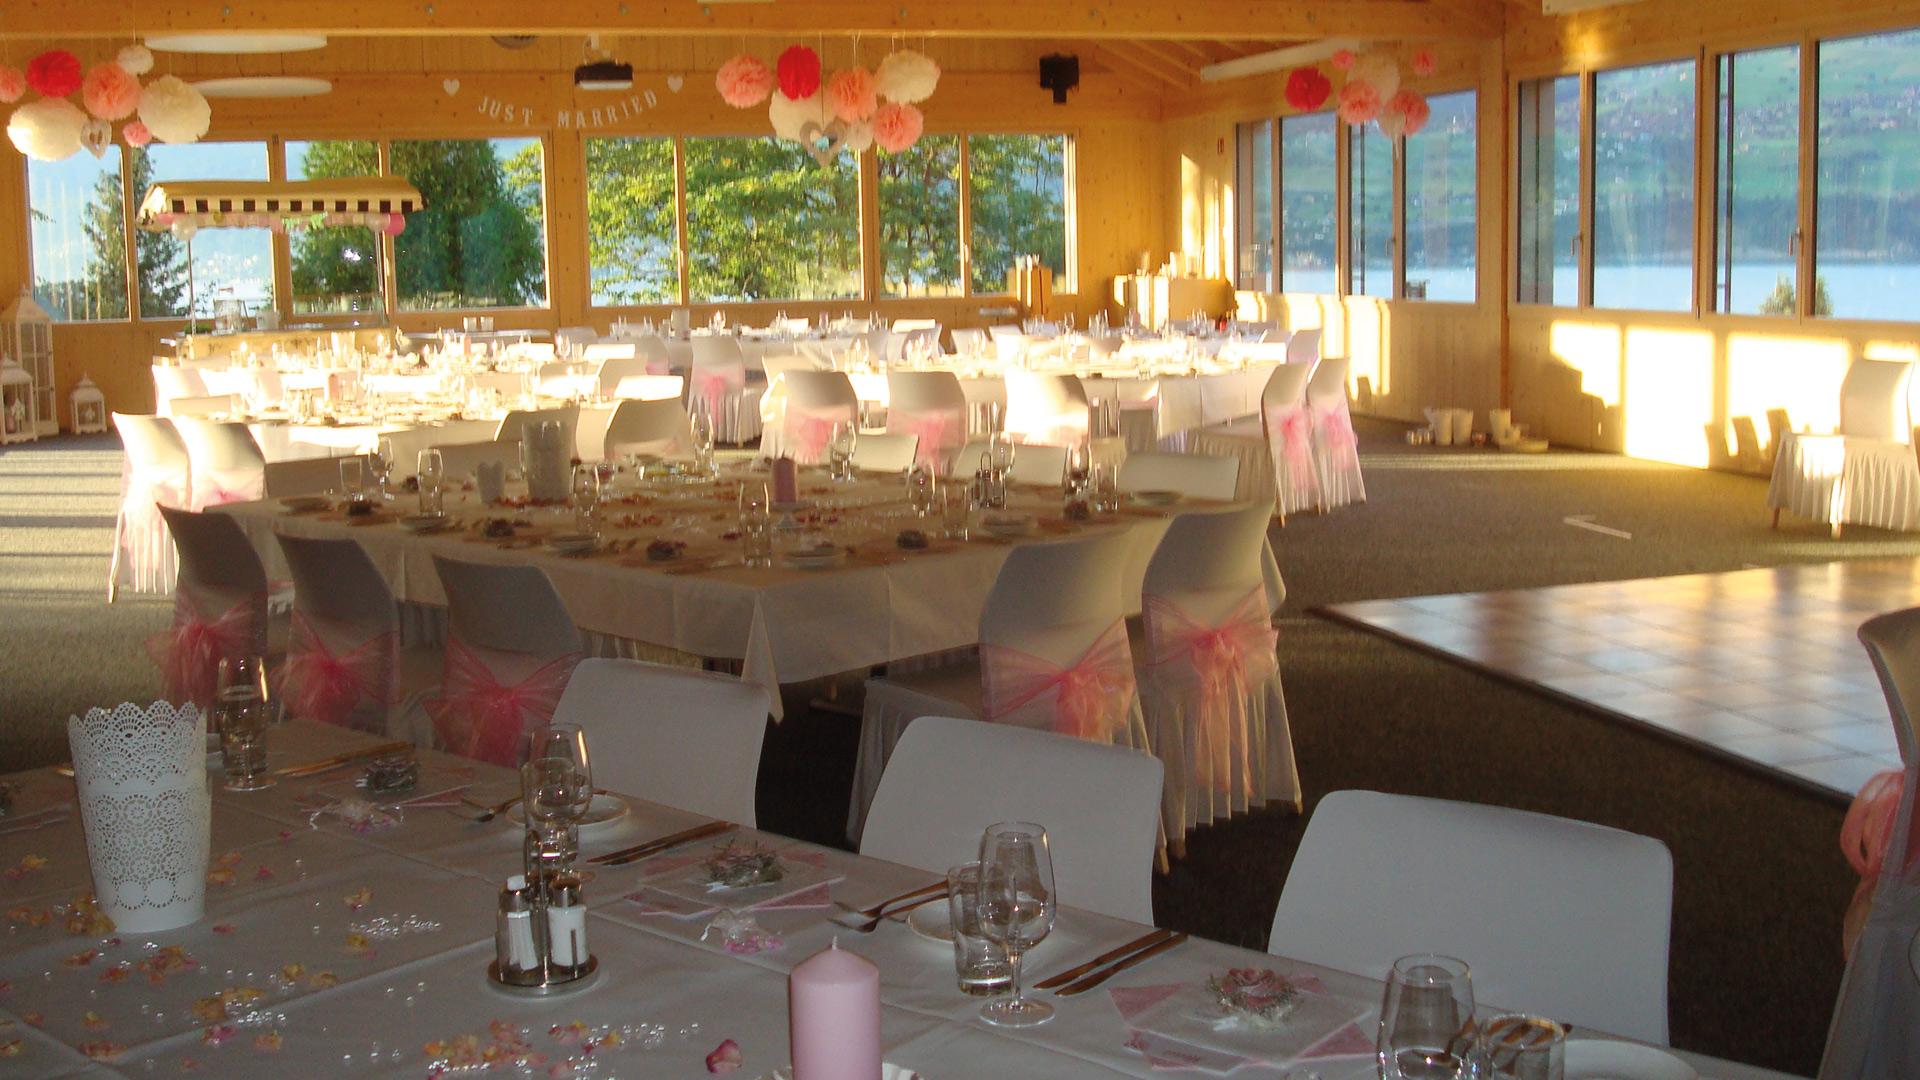 hotel-seaside-abz-restaurant-speisesaal